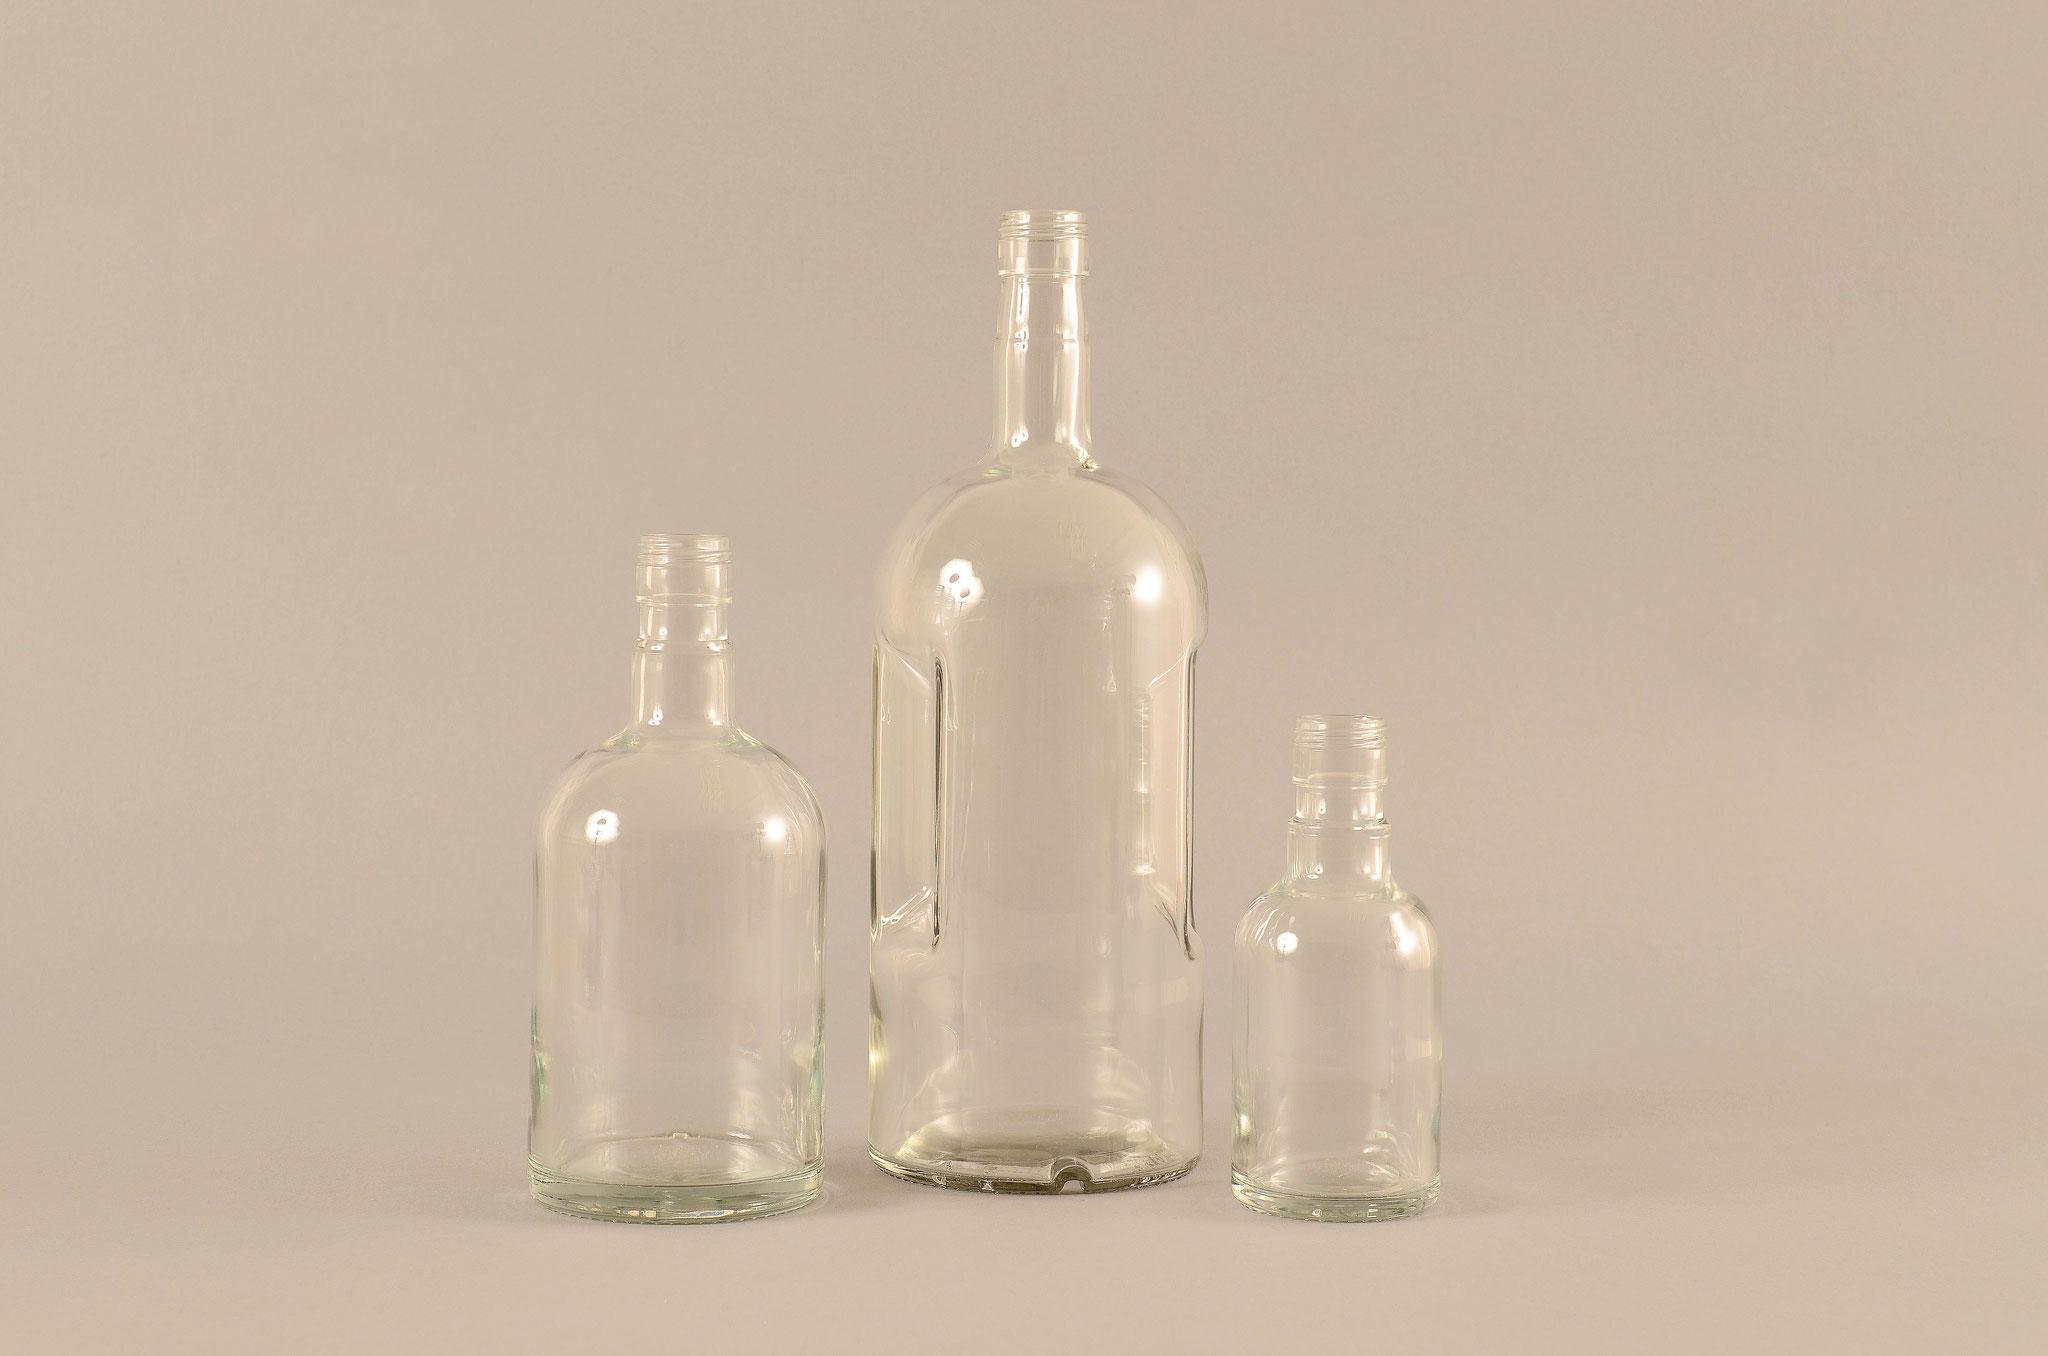 Aus dem TREFFPACK Sortiment - Wodkaflaschen